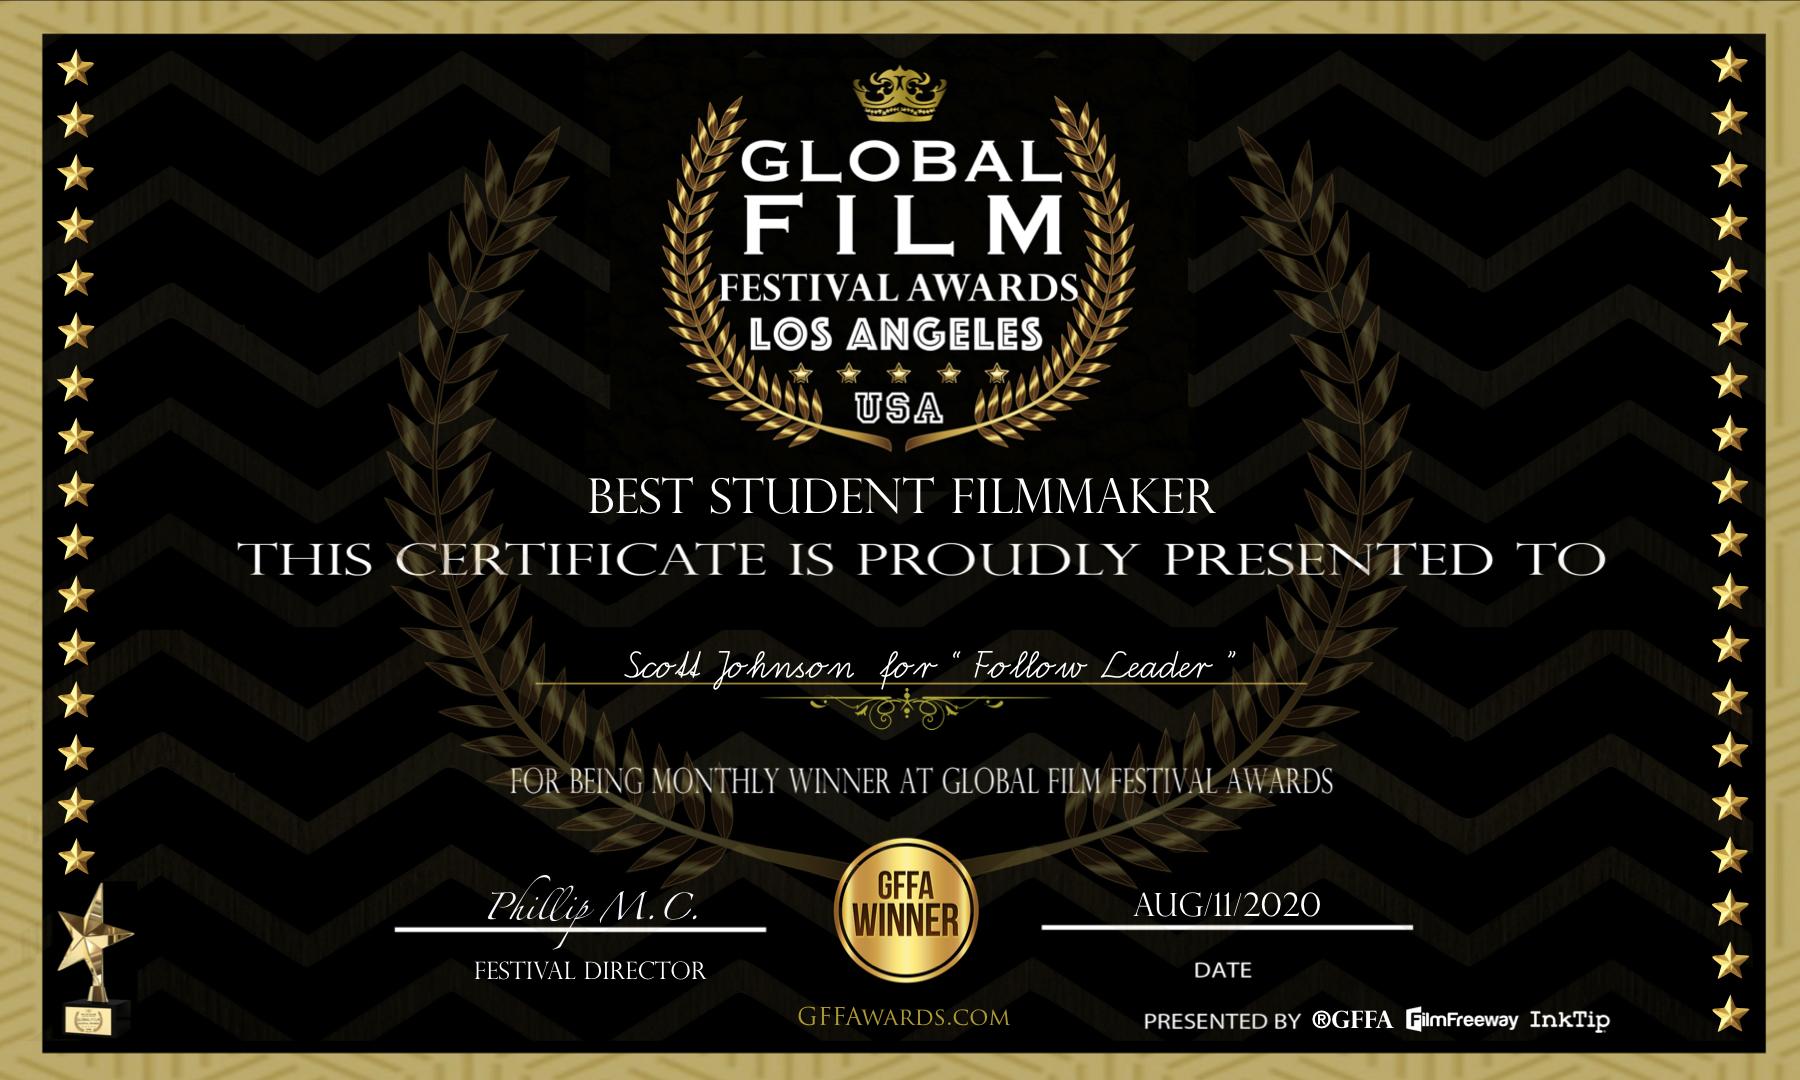 Global Film Festival & Awards - Best Student Filmmaker